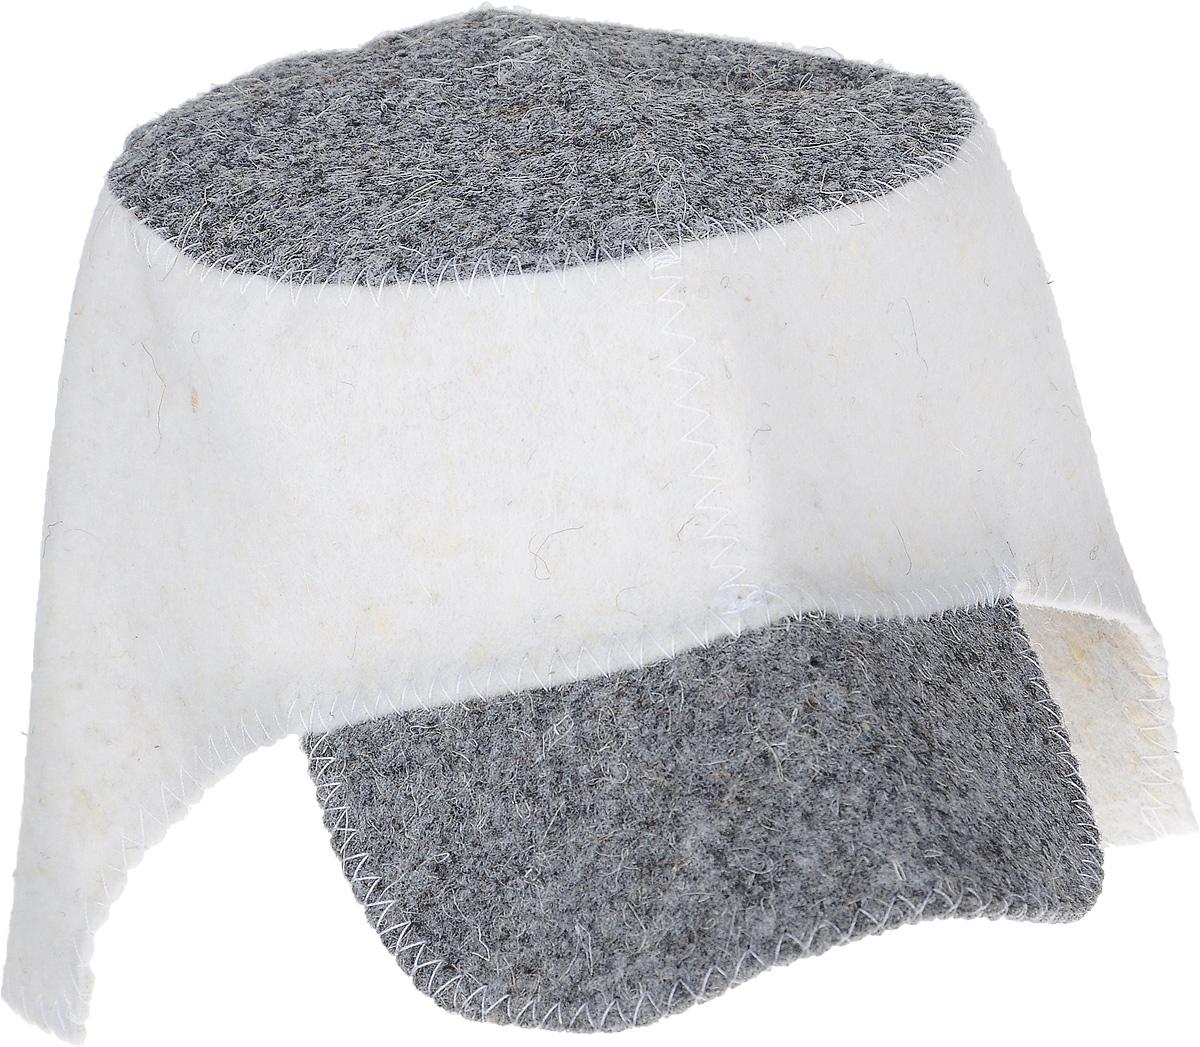 Шапка для бани и сауны Hot Pot Кепка Комби, цвет: серый, темно-серый41186Шапка для бани и сауны Hot Pot — это необходимый аксессуар при посещении парной. Такая шапка защитит от головокружения и перегрева головы, а также предотвратит ломкость и сухость волос. Изделие замечательно впитывает влагу, хорошо сидит на голове, обеспечивает комфорт и удовольствие от отдыха в парилке. Незаменима в традиционной русской бане, также используется в финских саунах, где температура сухого воздуха может достигать 100°С. Шапка выполнена в оригинальном дизайне.